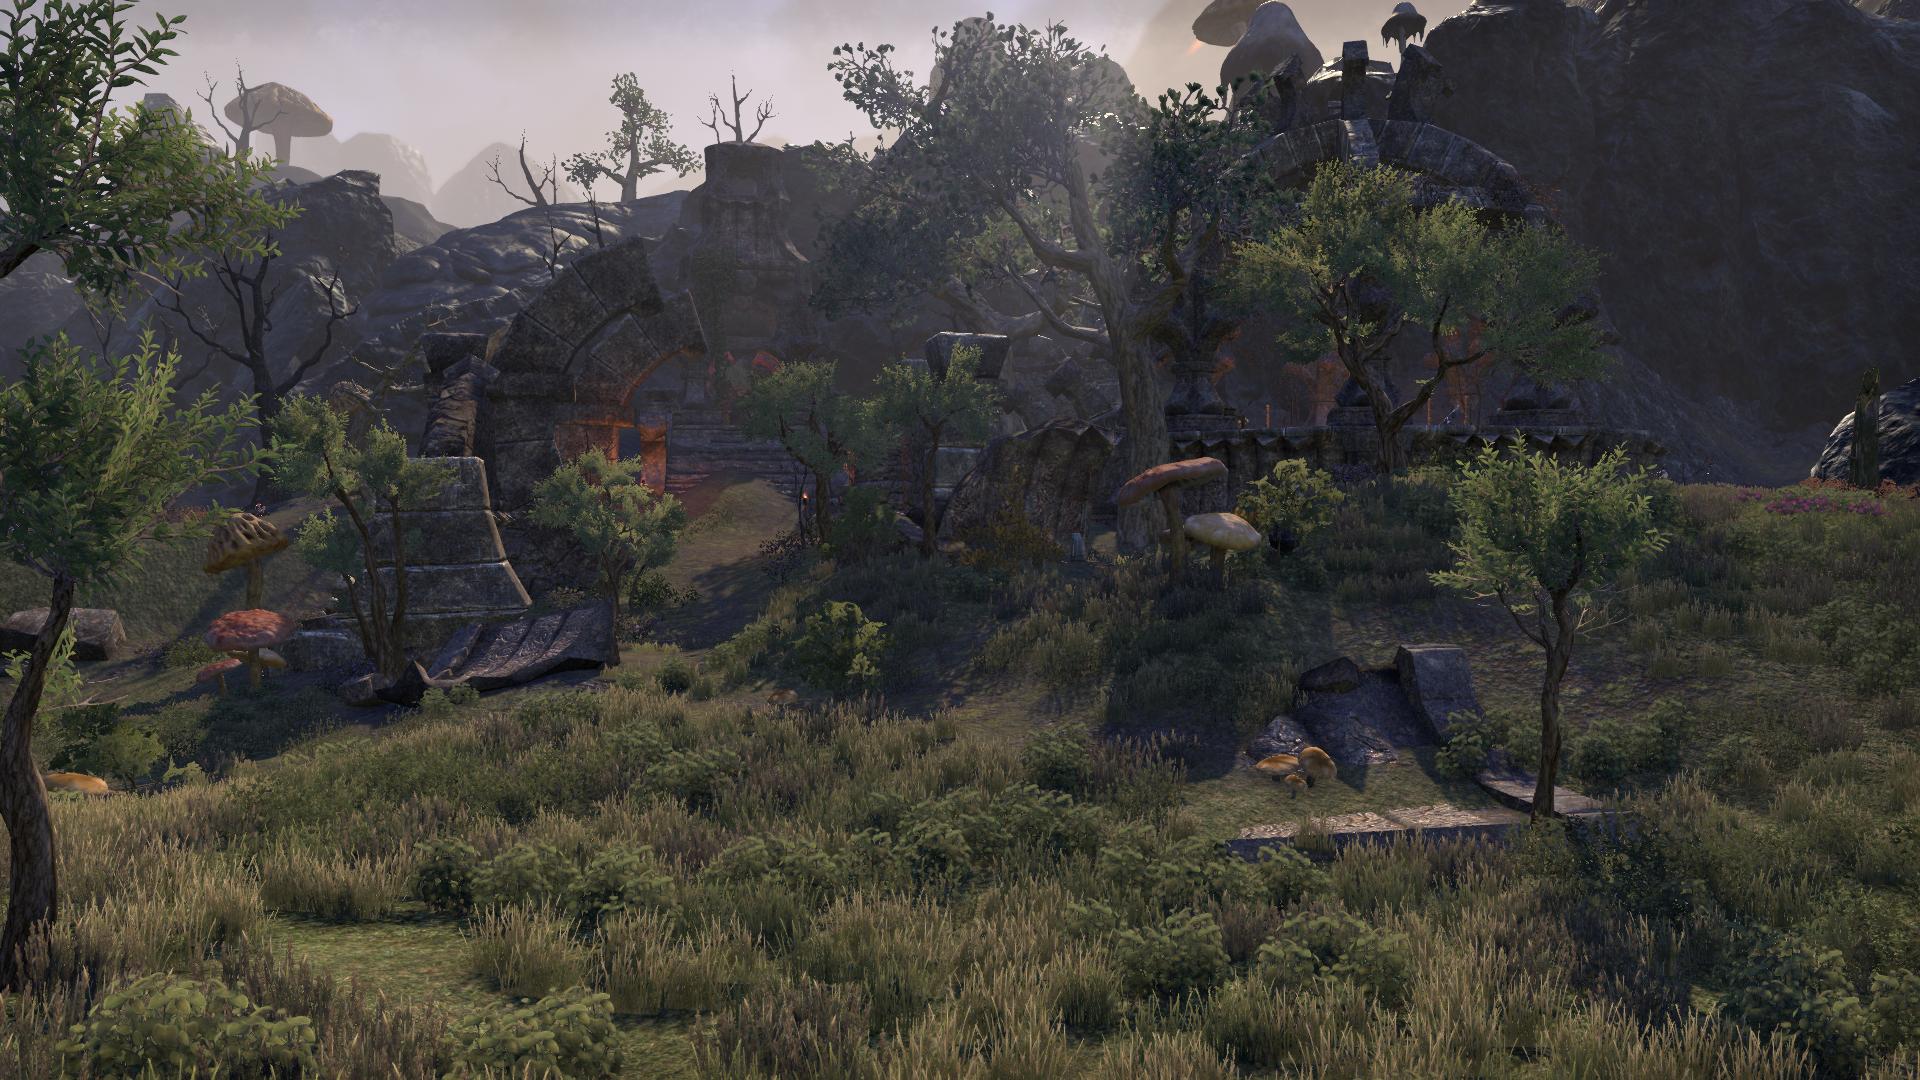 Душариран (Online: Morrowind)